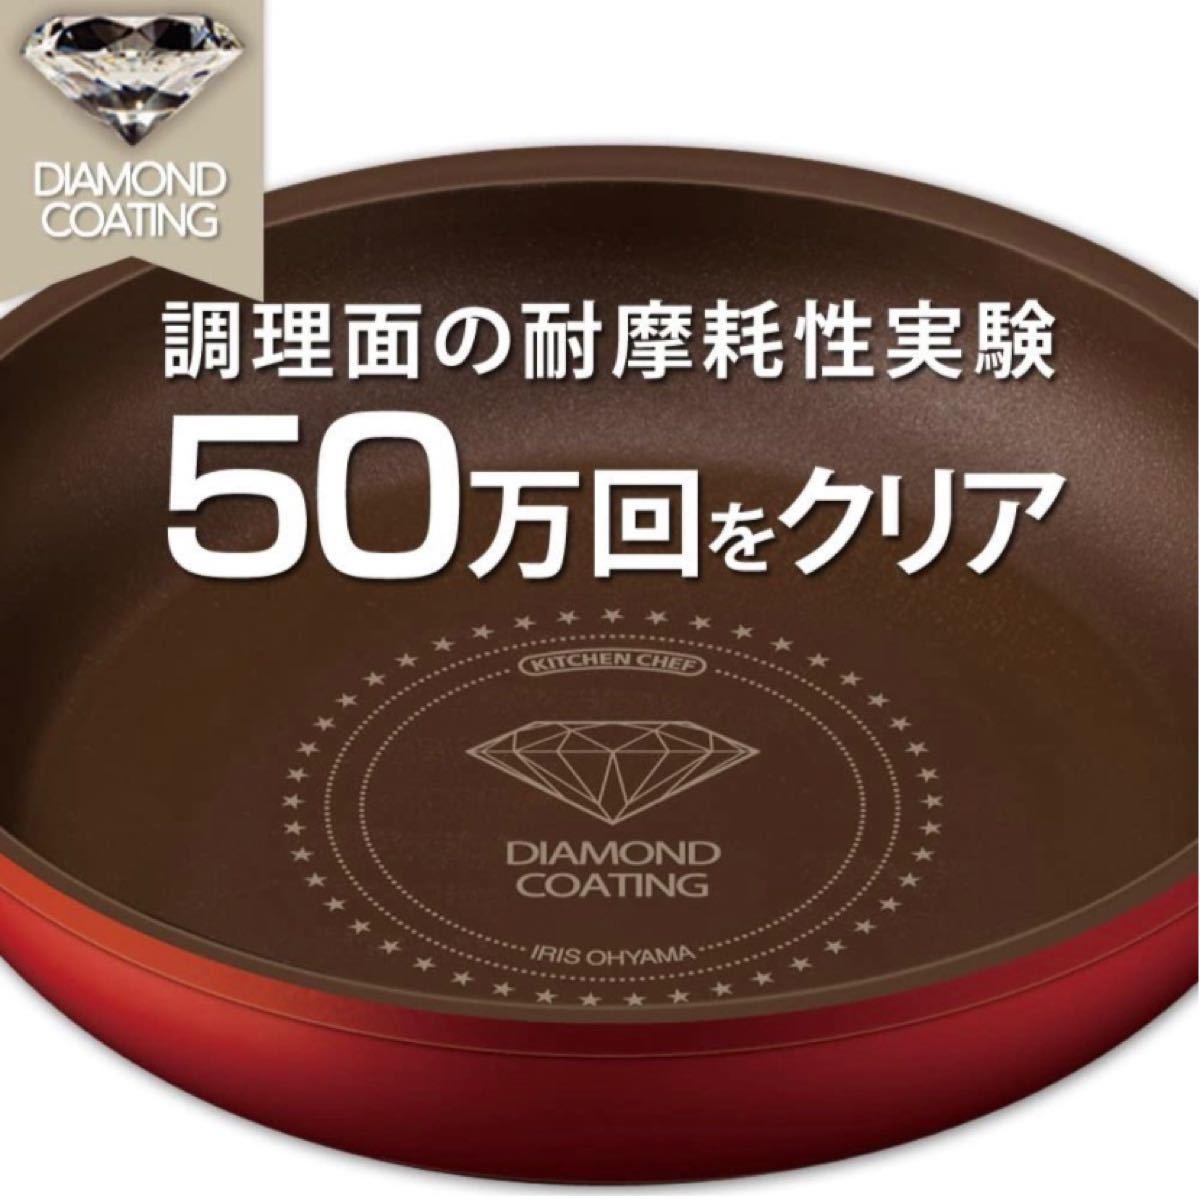 アイリスオーヤマ 「ダイヤモンドコートパン」 オレンジ 13点セット IH対応